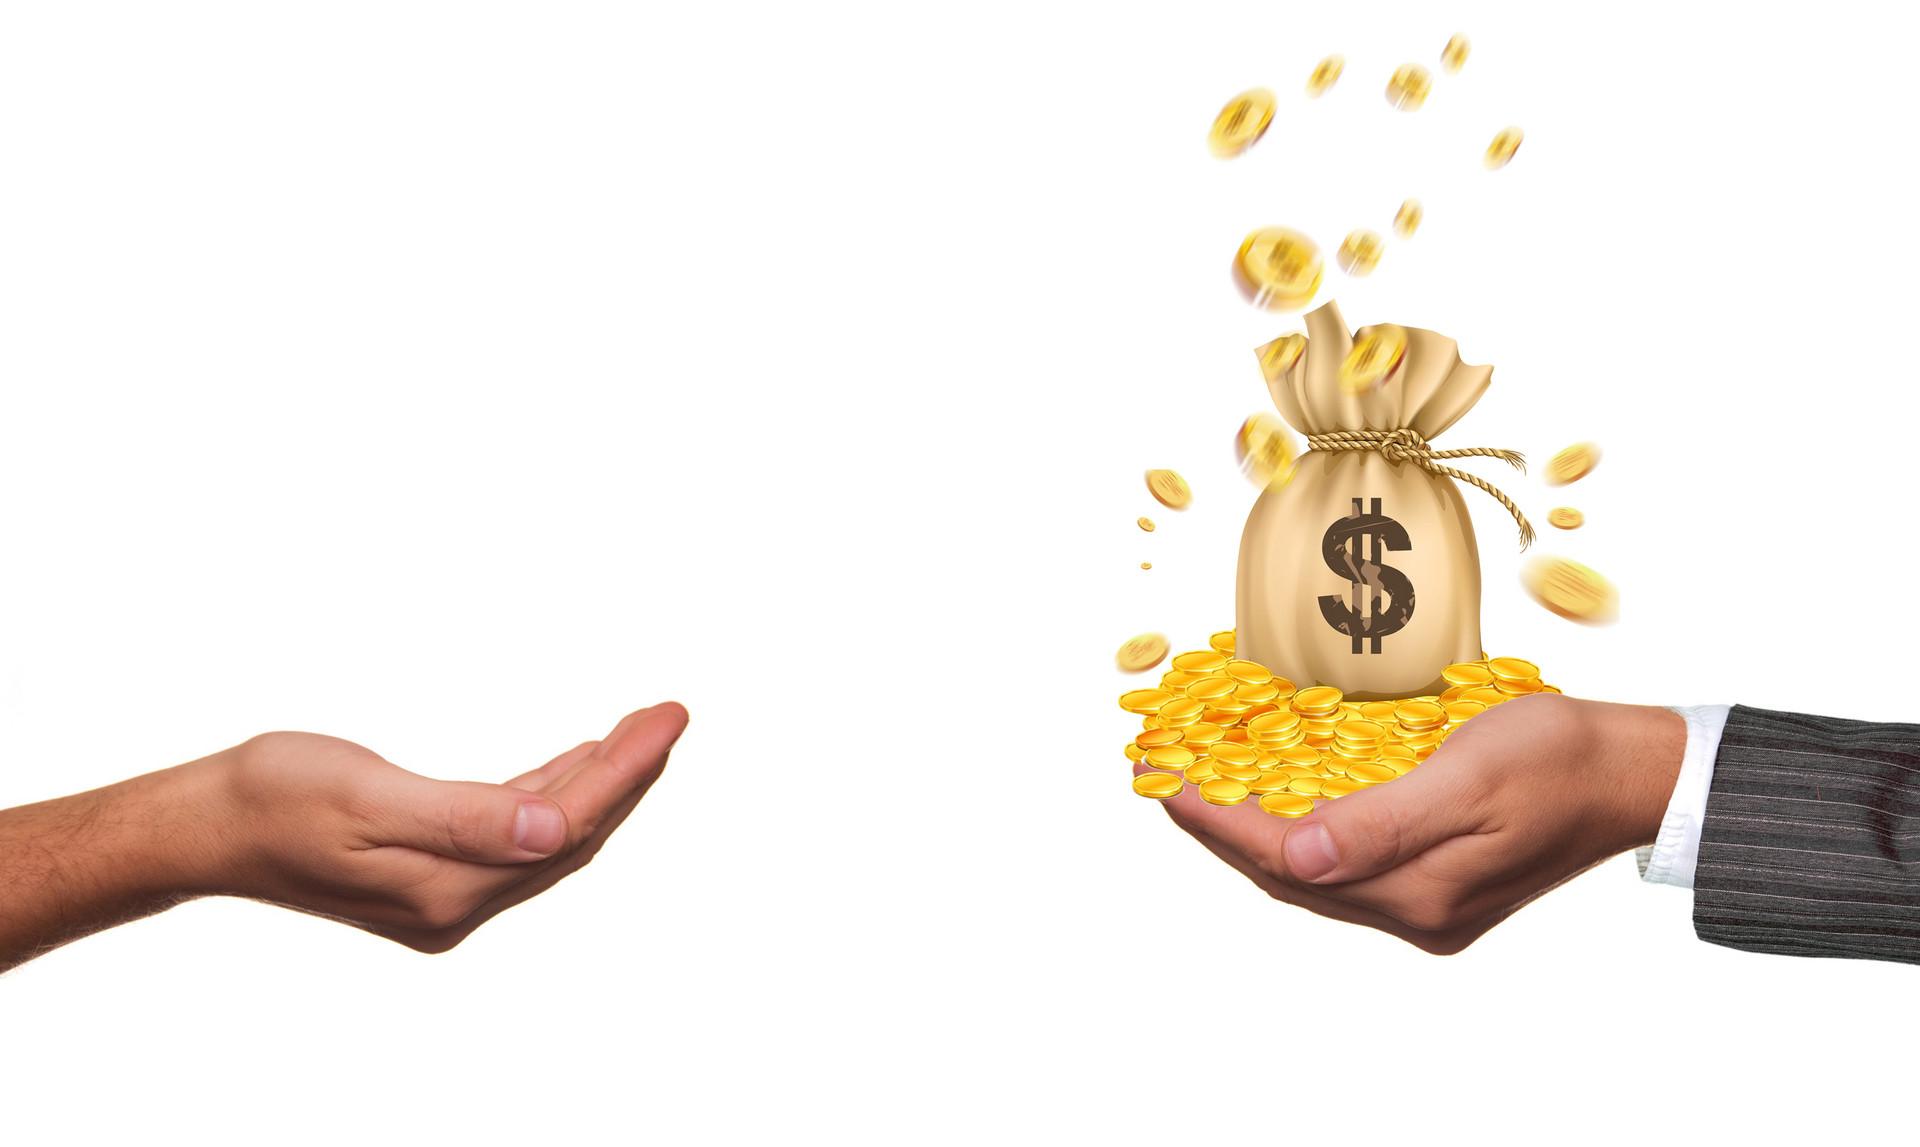 安然纳米汗蒸会所投资效益分析